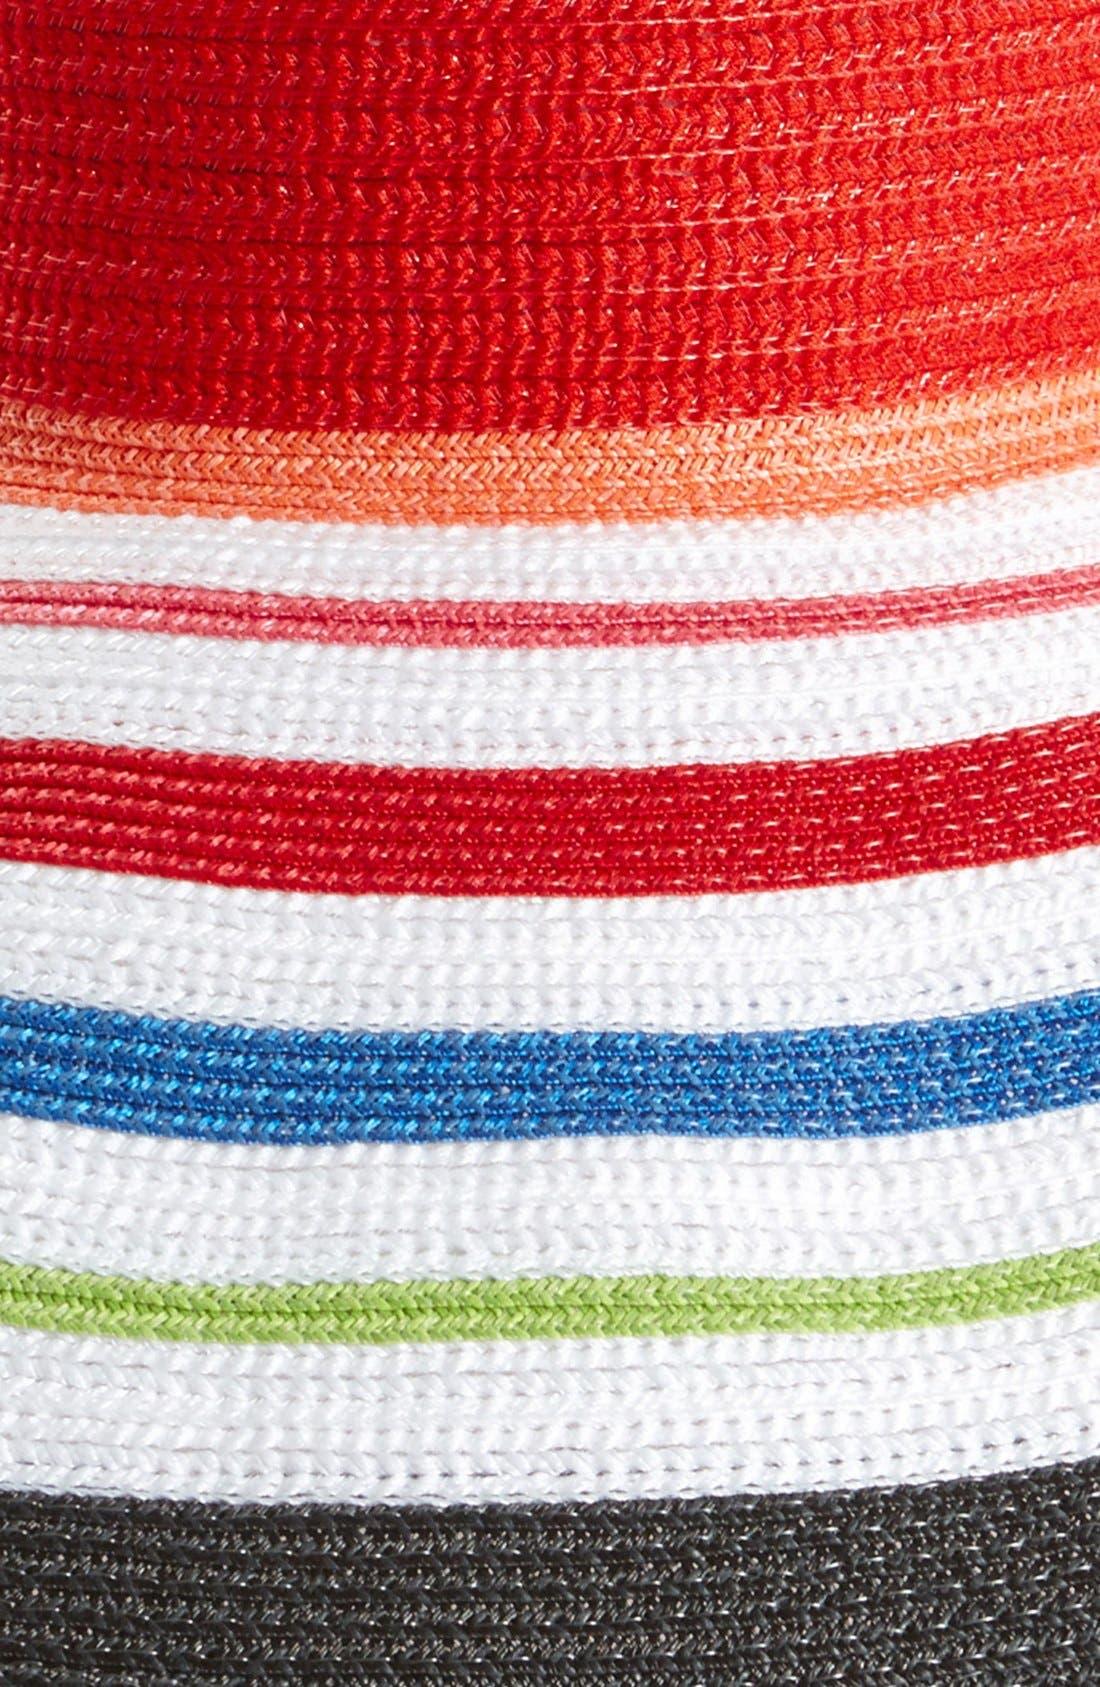 Alternate Image 2  - Laundry by Shelli Segal 'Chloe' Floppy Hat